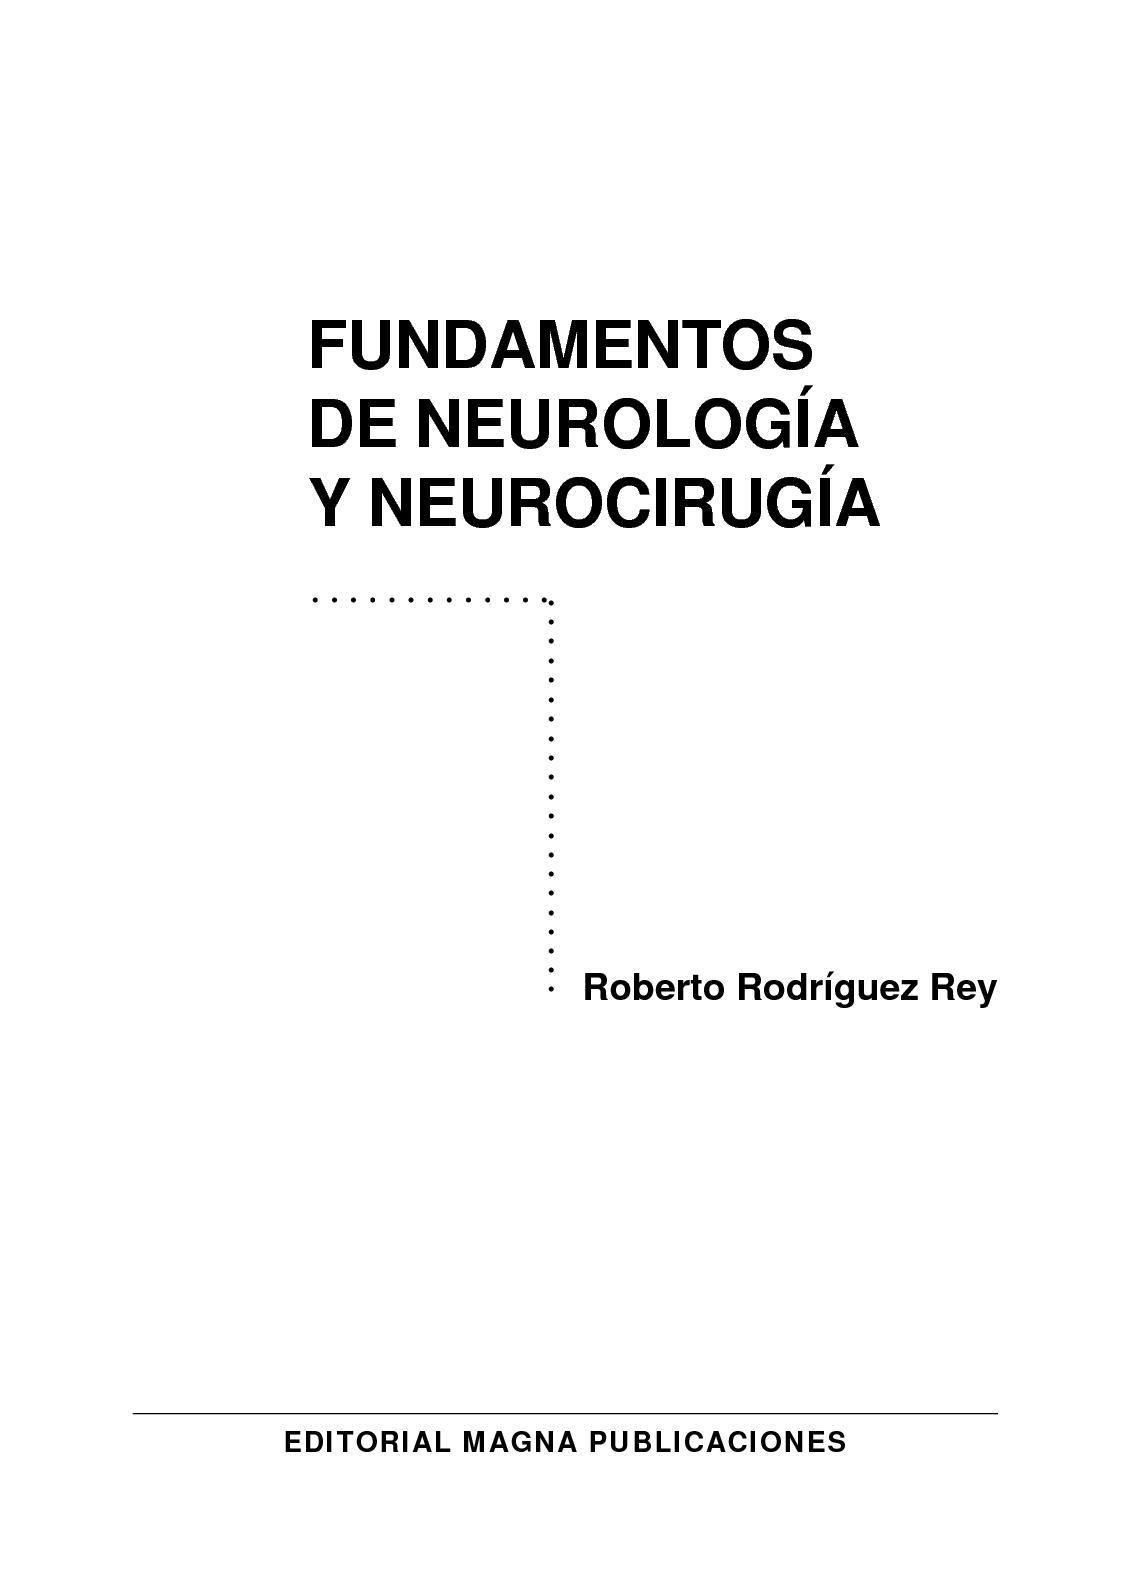 Encefalopatía anóxica emedicina hipertensión